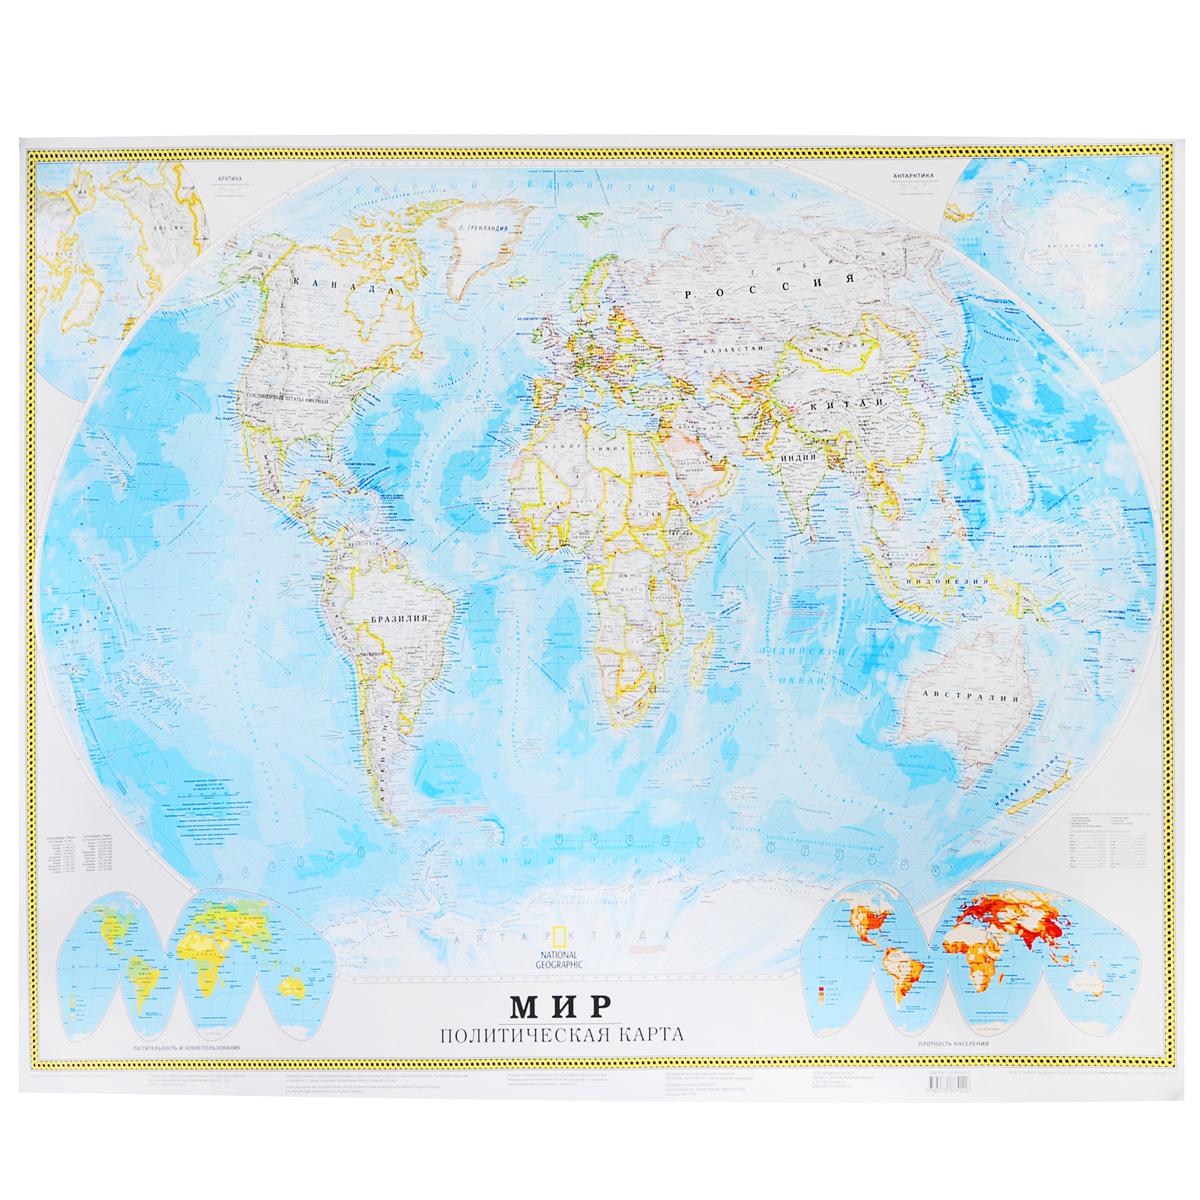 Политическая карта мира ( 978-5-17-087411-8, 978-5-17-093476-8 )